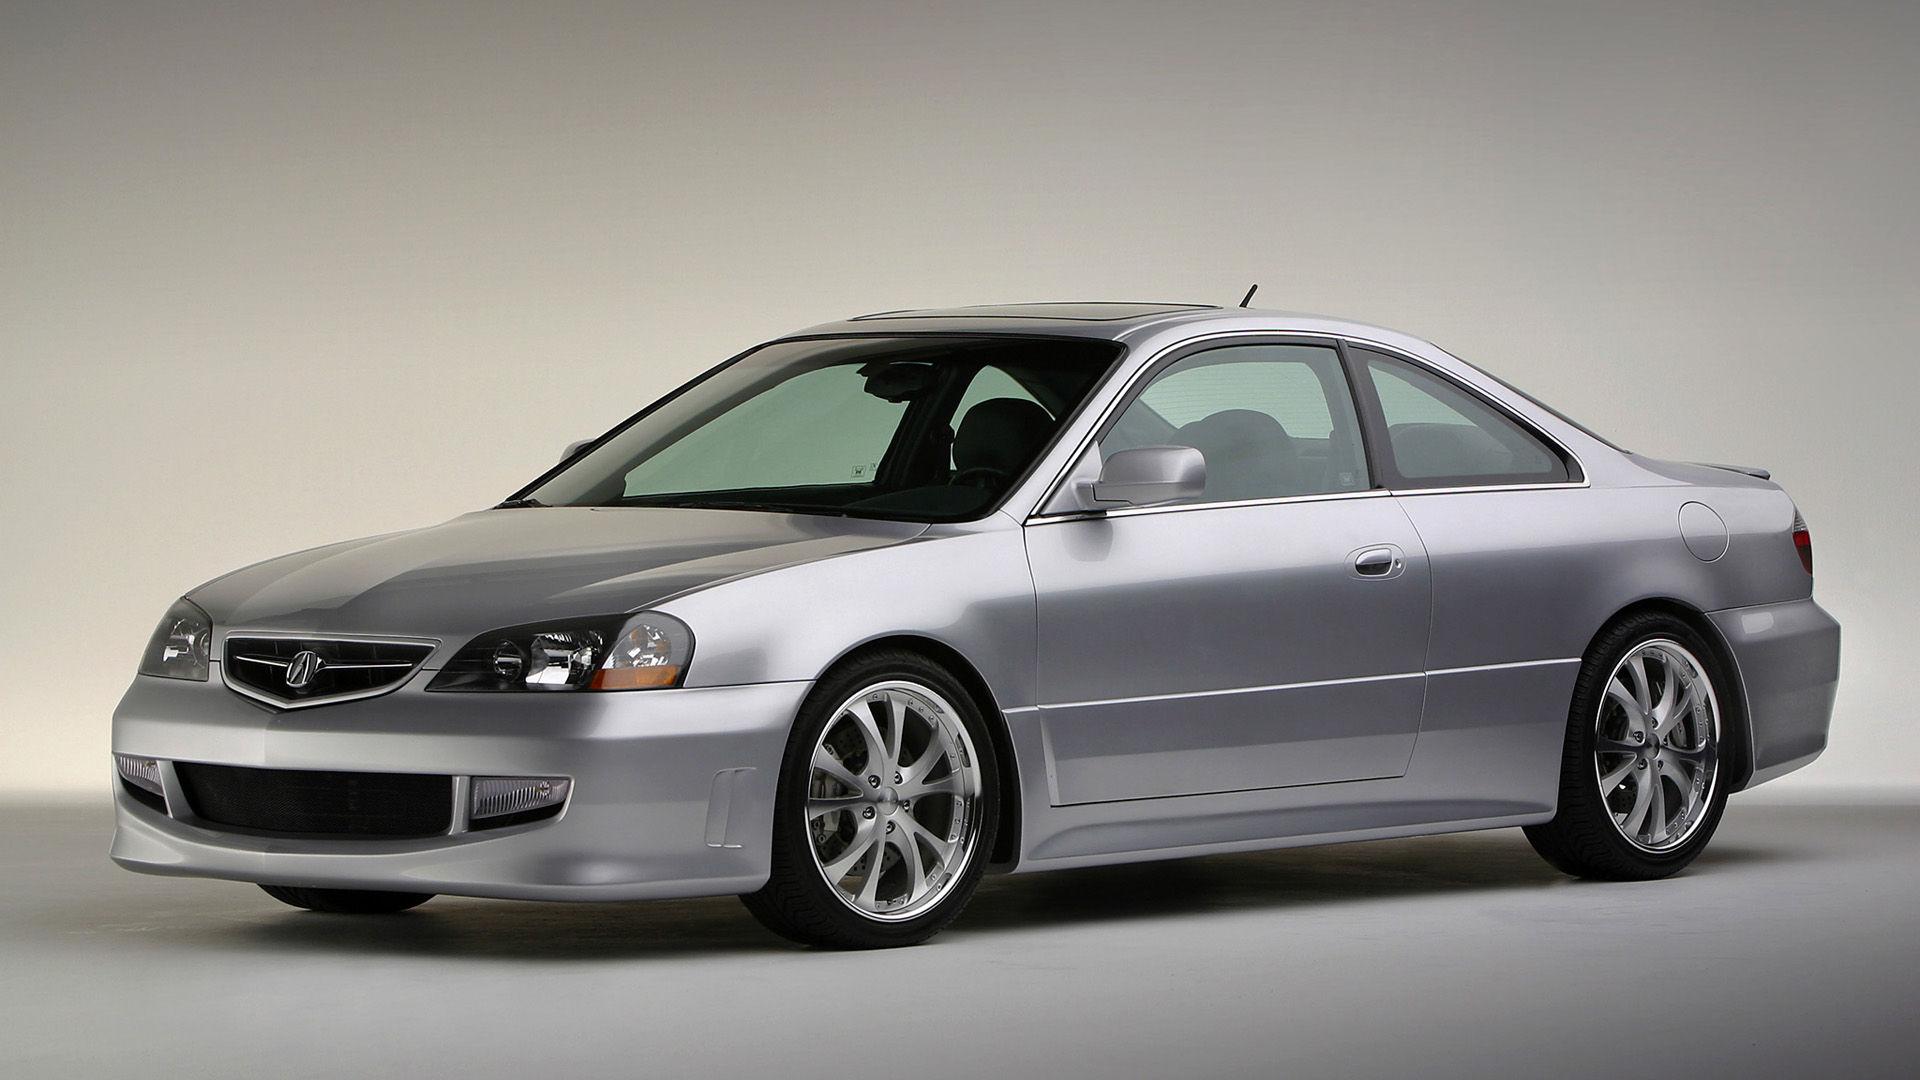 2002 Acura 3.2 CL Type-S